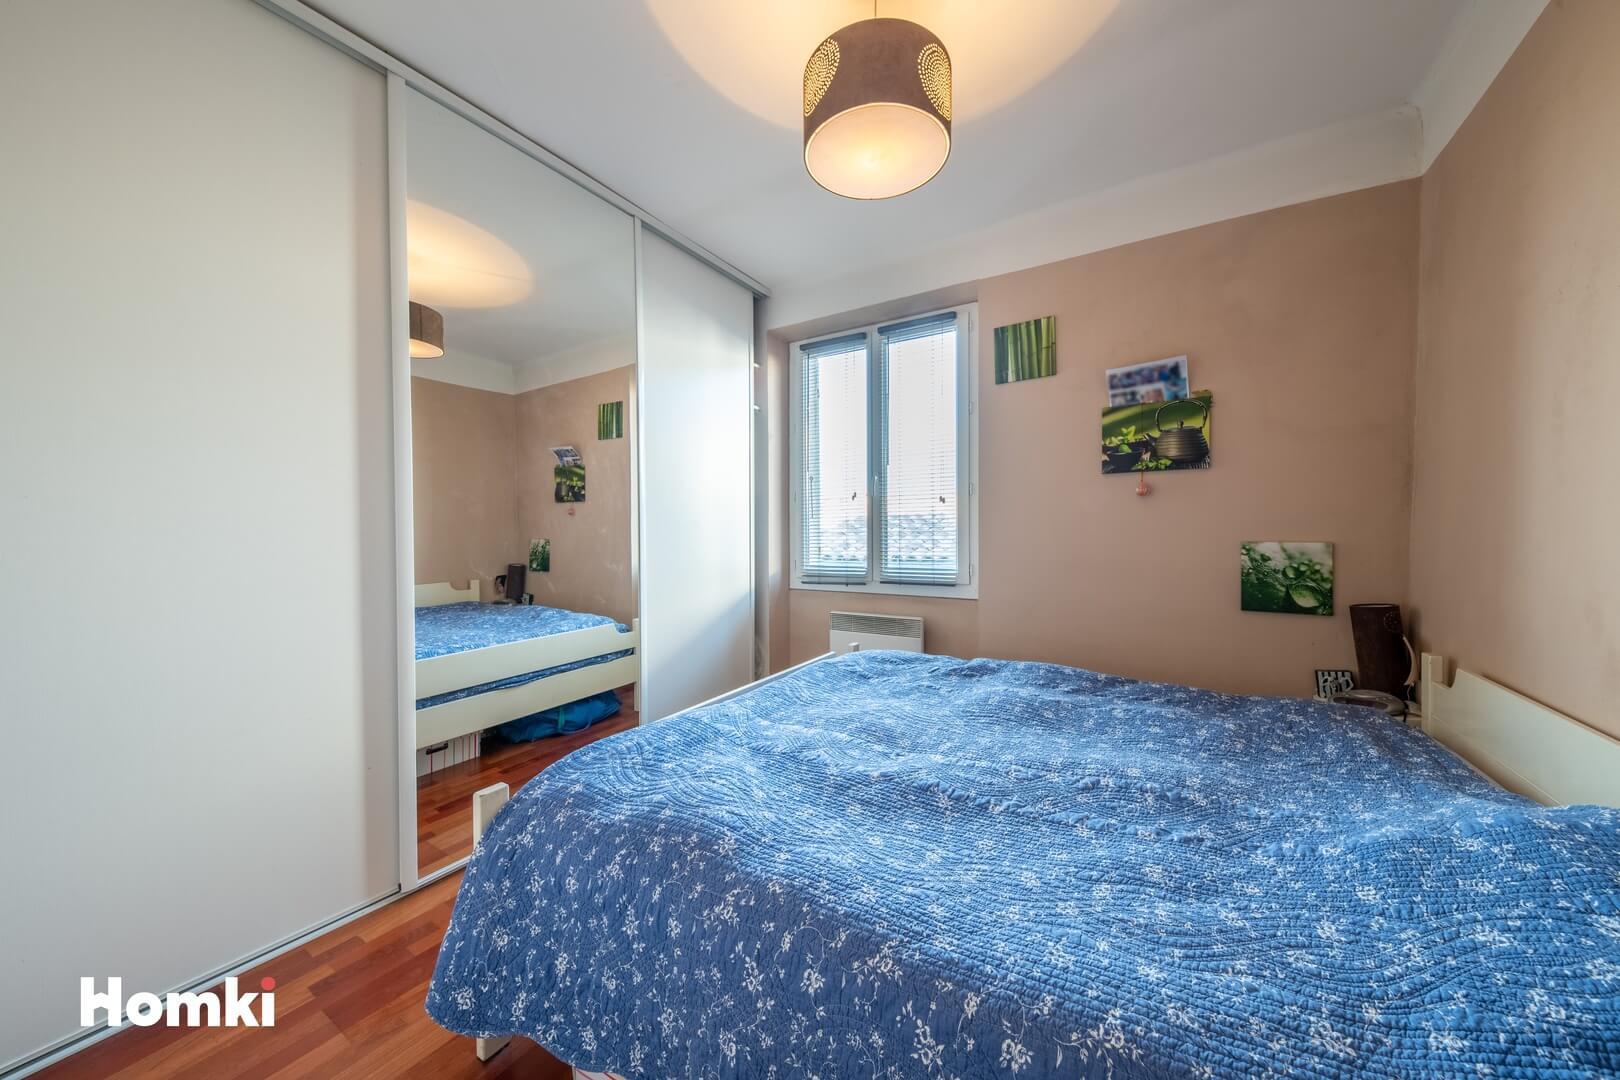 Homki - Vente Maison de ville  de 85.0 m² à Peynier 13790